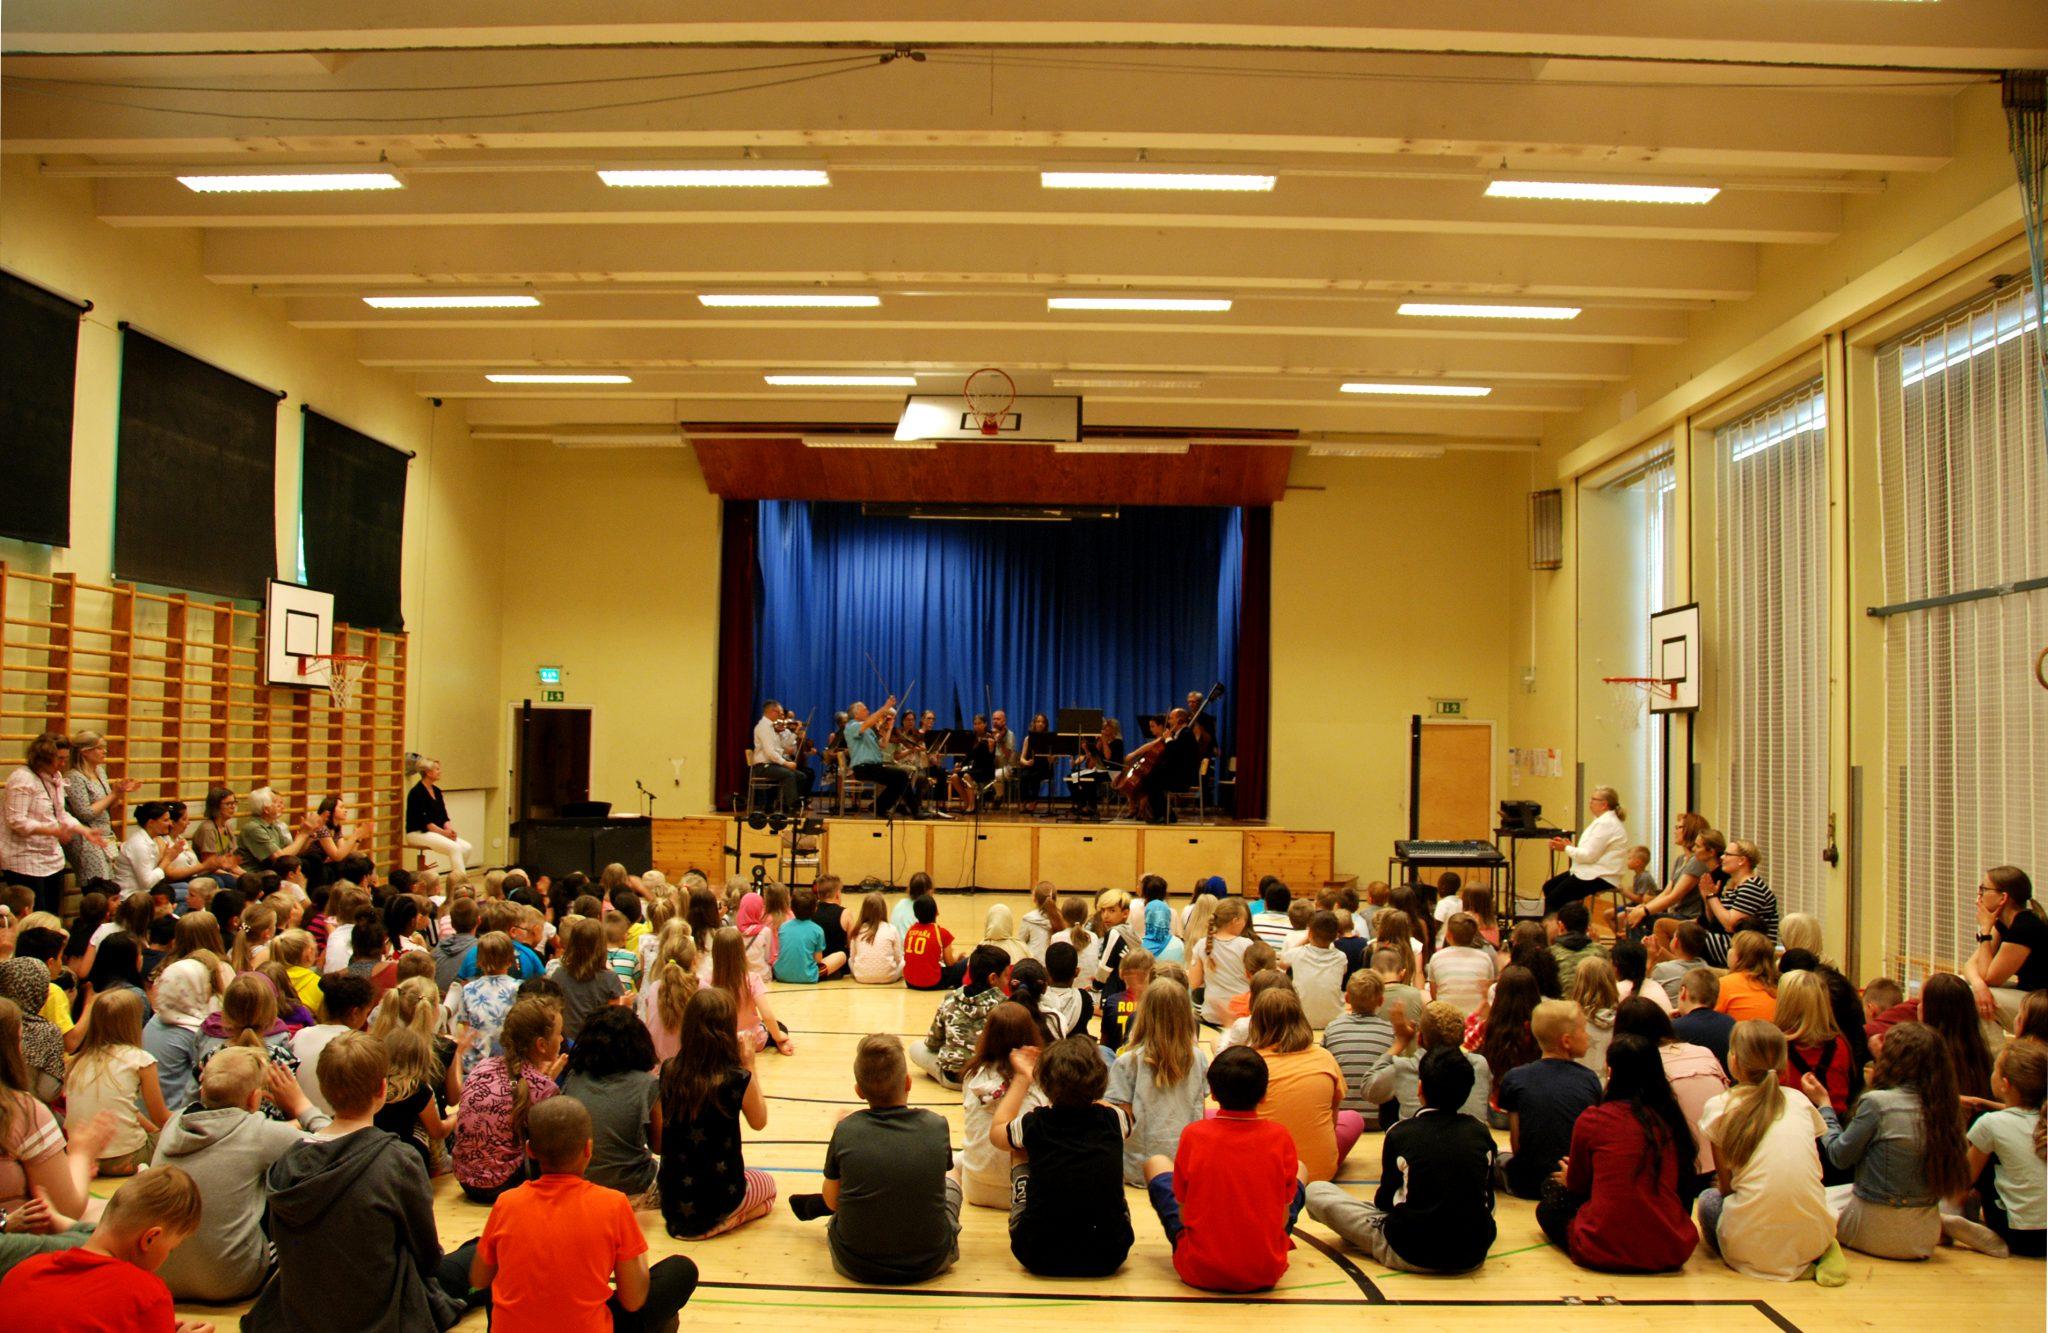 Kuvassa orkesteri esiintyy oppilaille koulun liikuntasalissa.